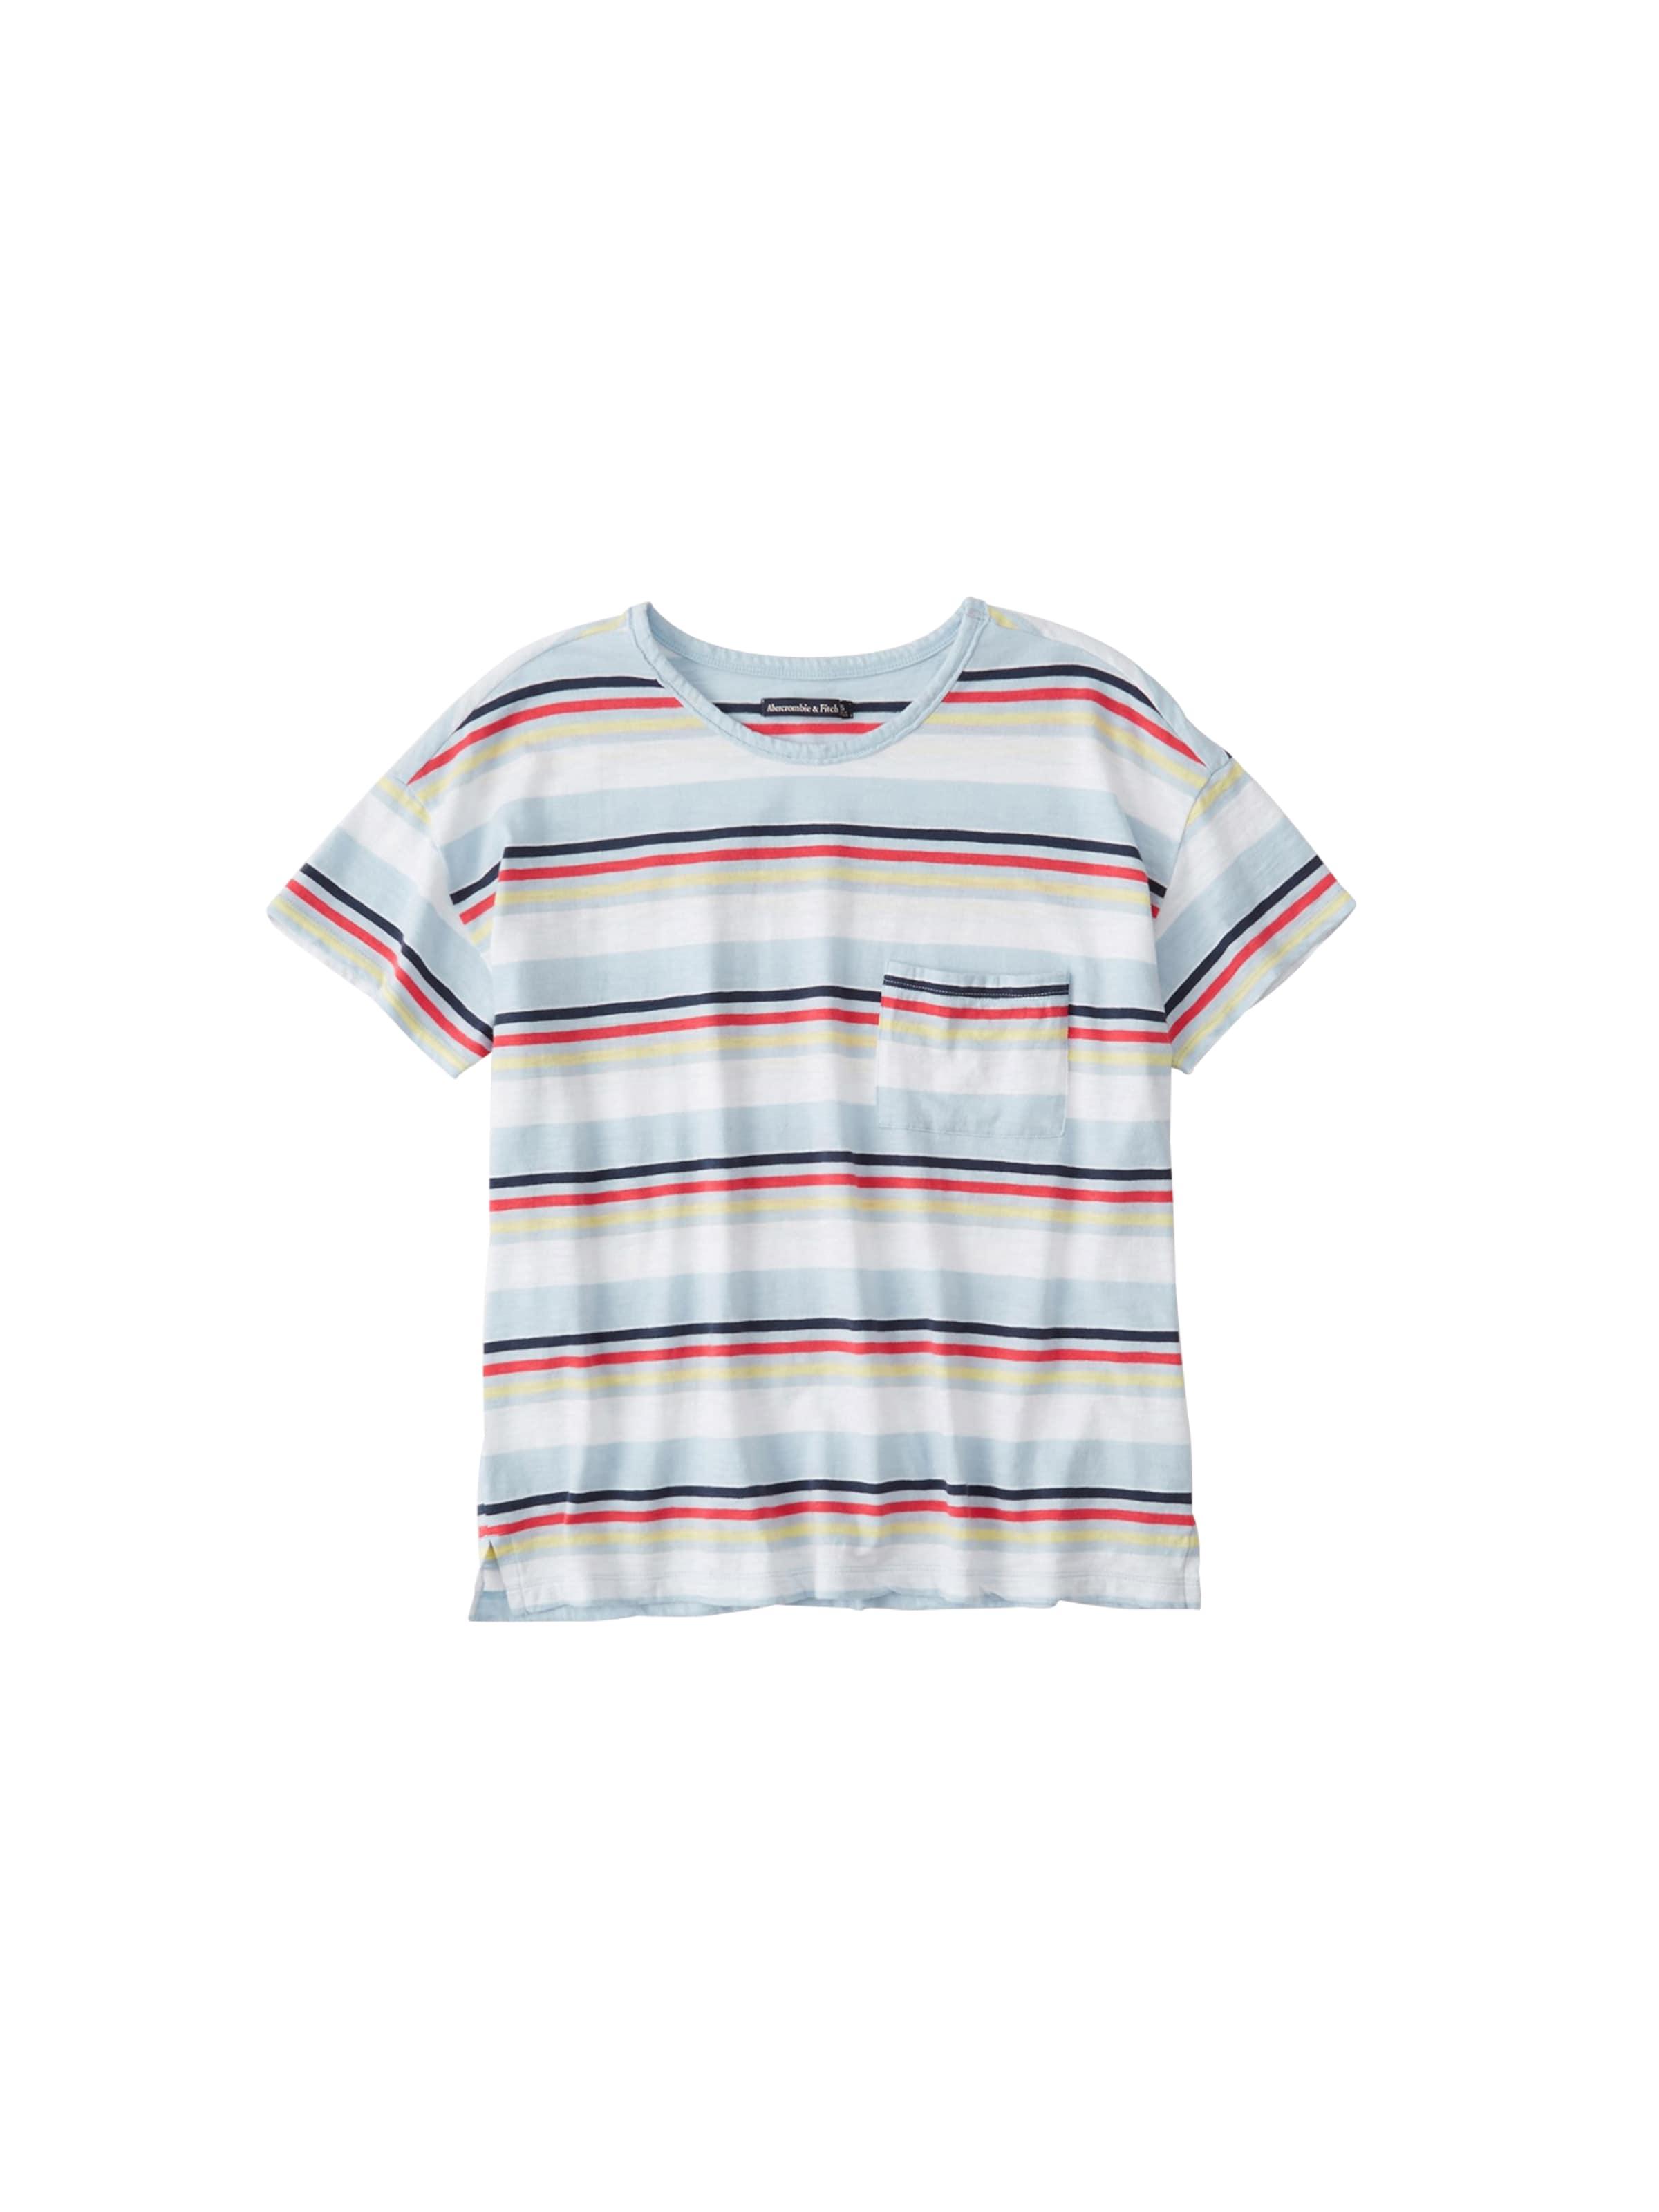 T Tee shirt ss Couleurs Abercrombieamp; Mélange Drop En De Shoulder Stripe' Fitch 'sb19 vn0wON8m